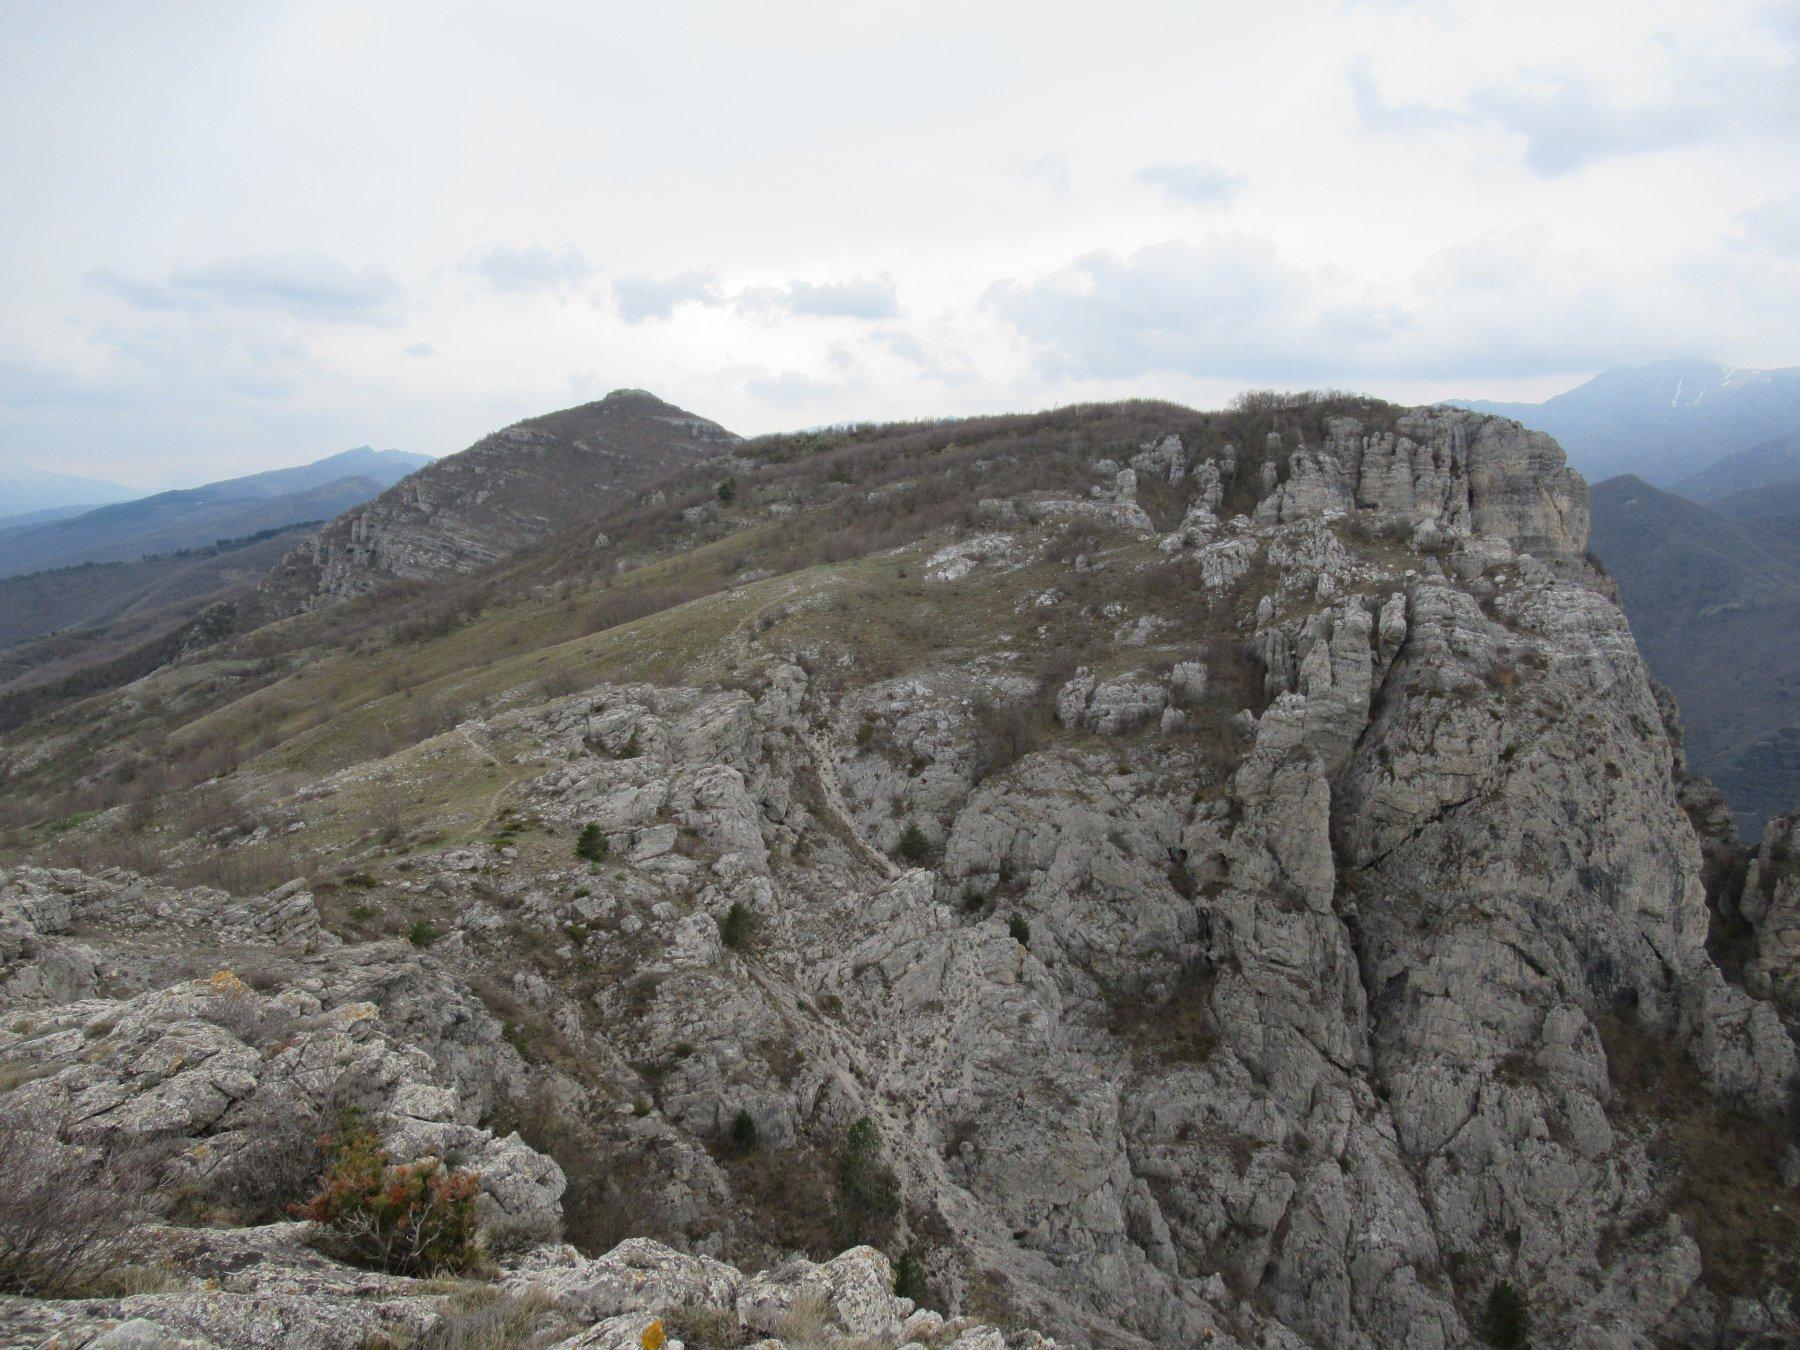 Monte Nero e Castell'Ermo dal Monte Pendjino.